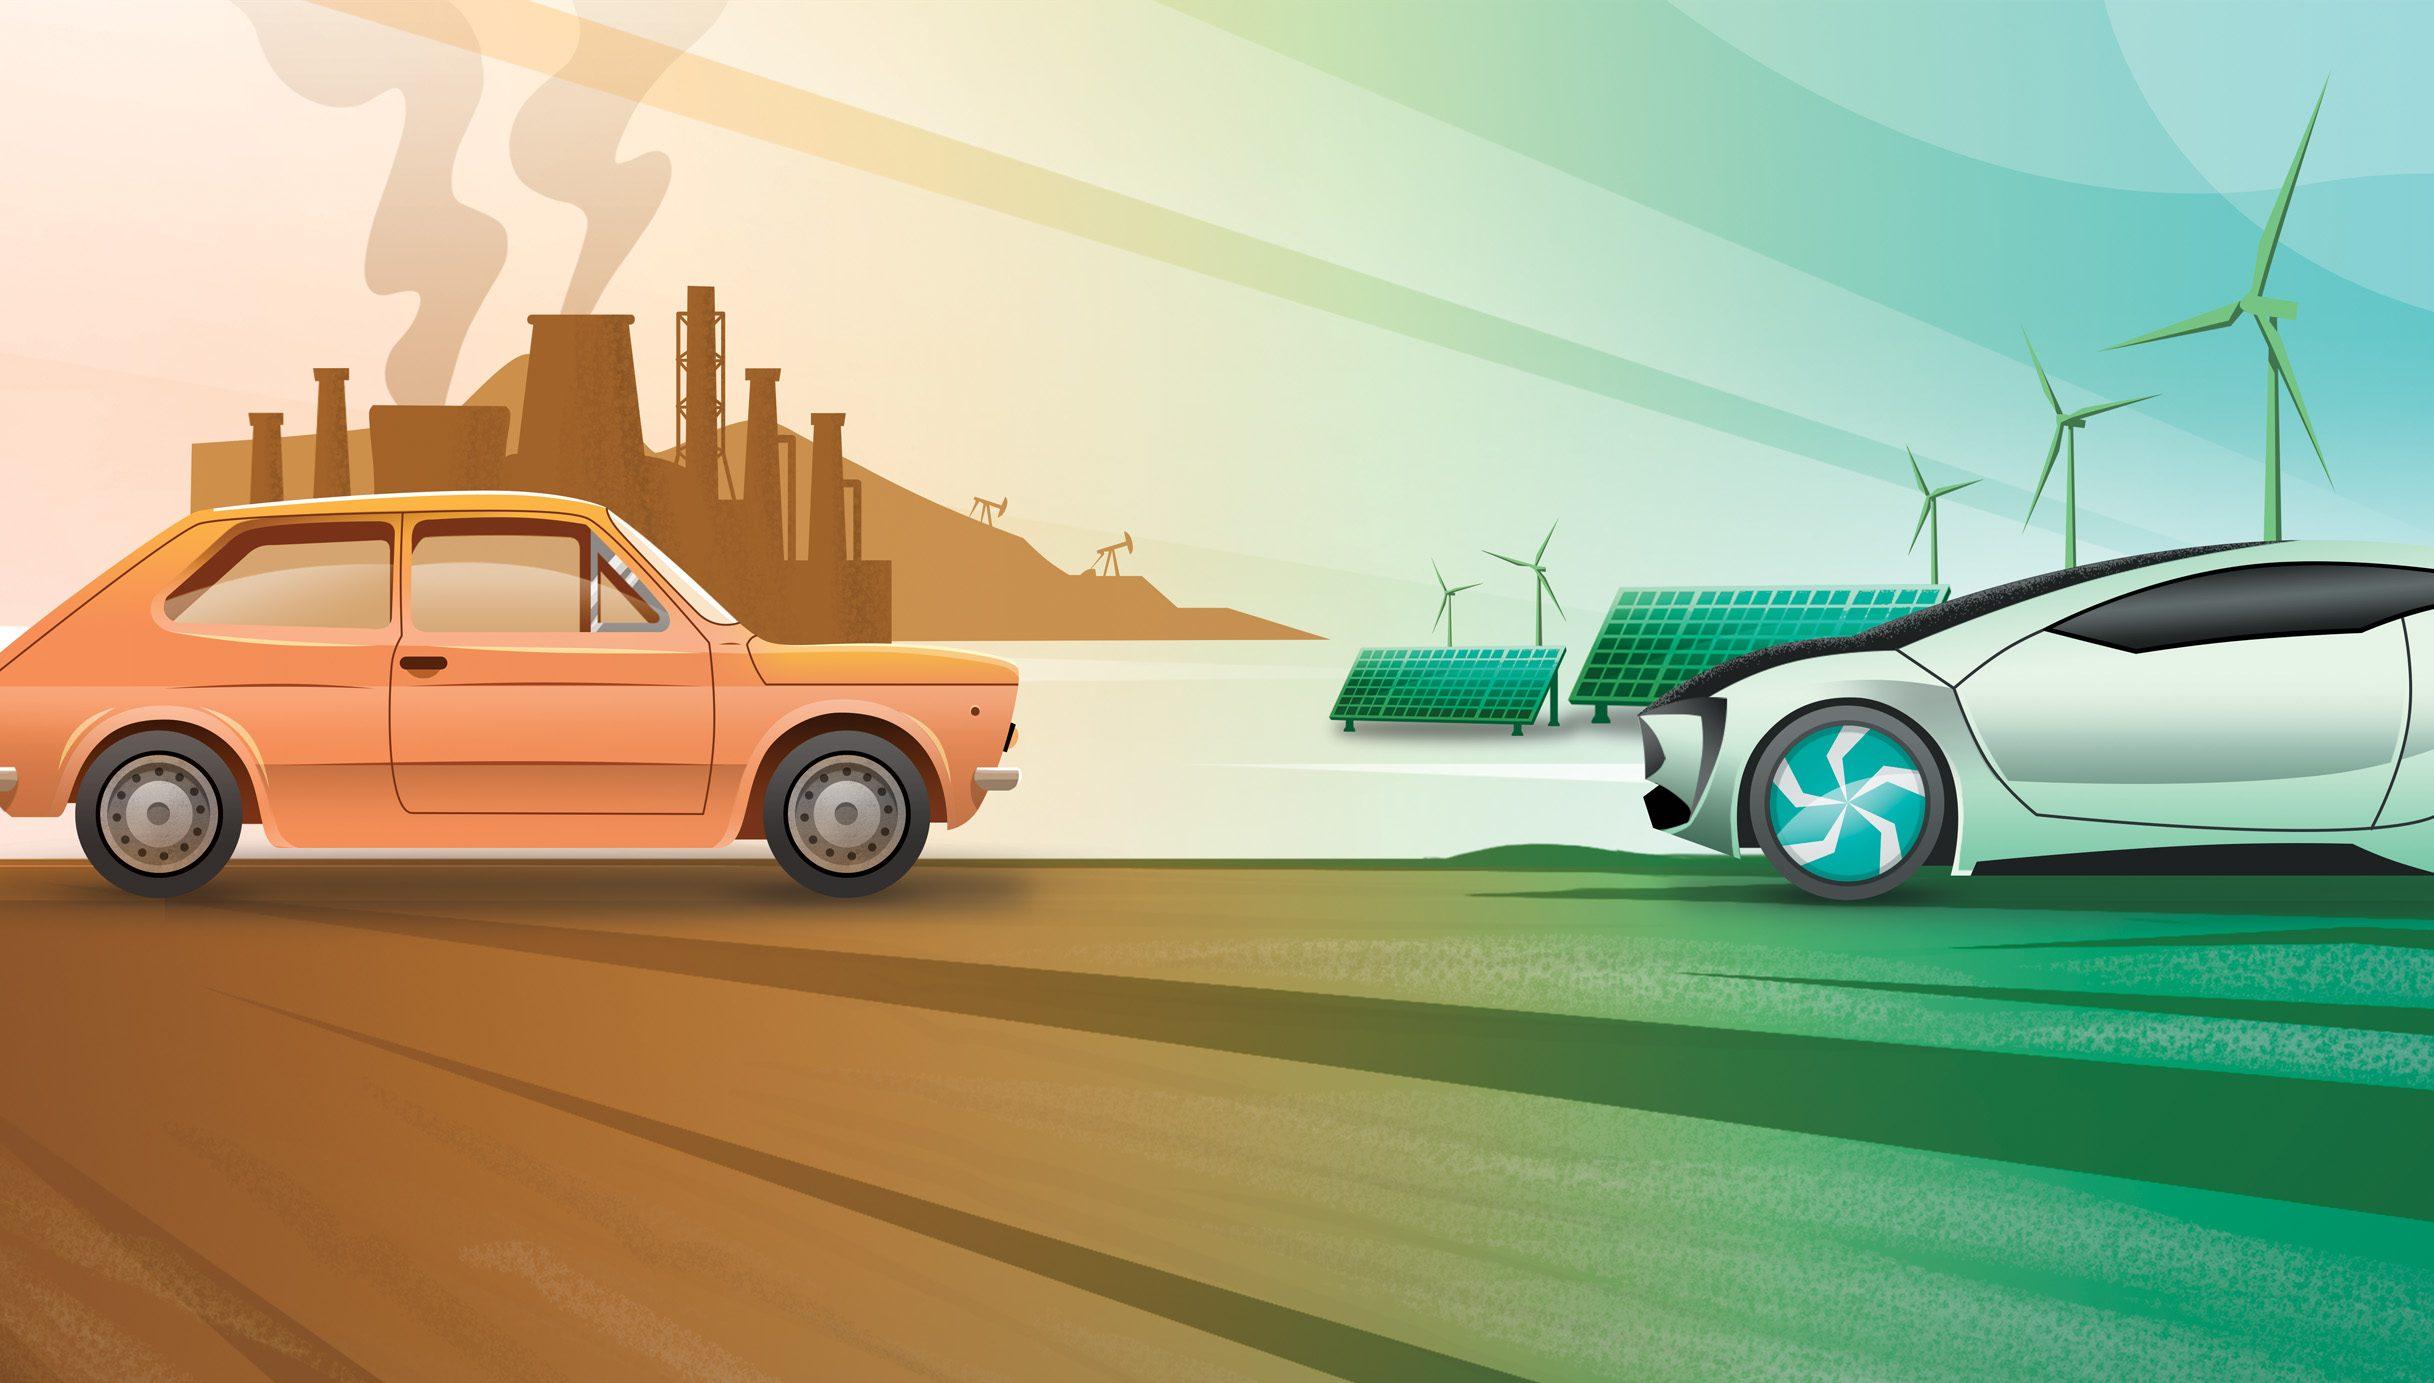 Ilustração Descarbonização